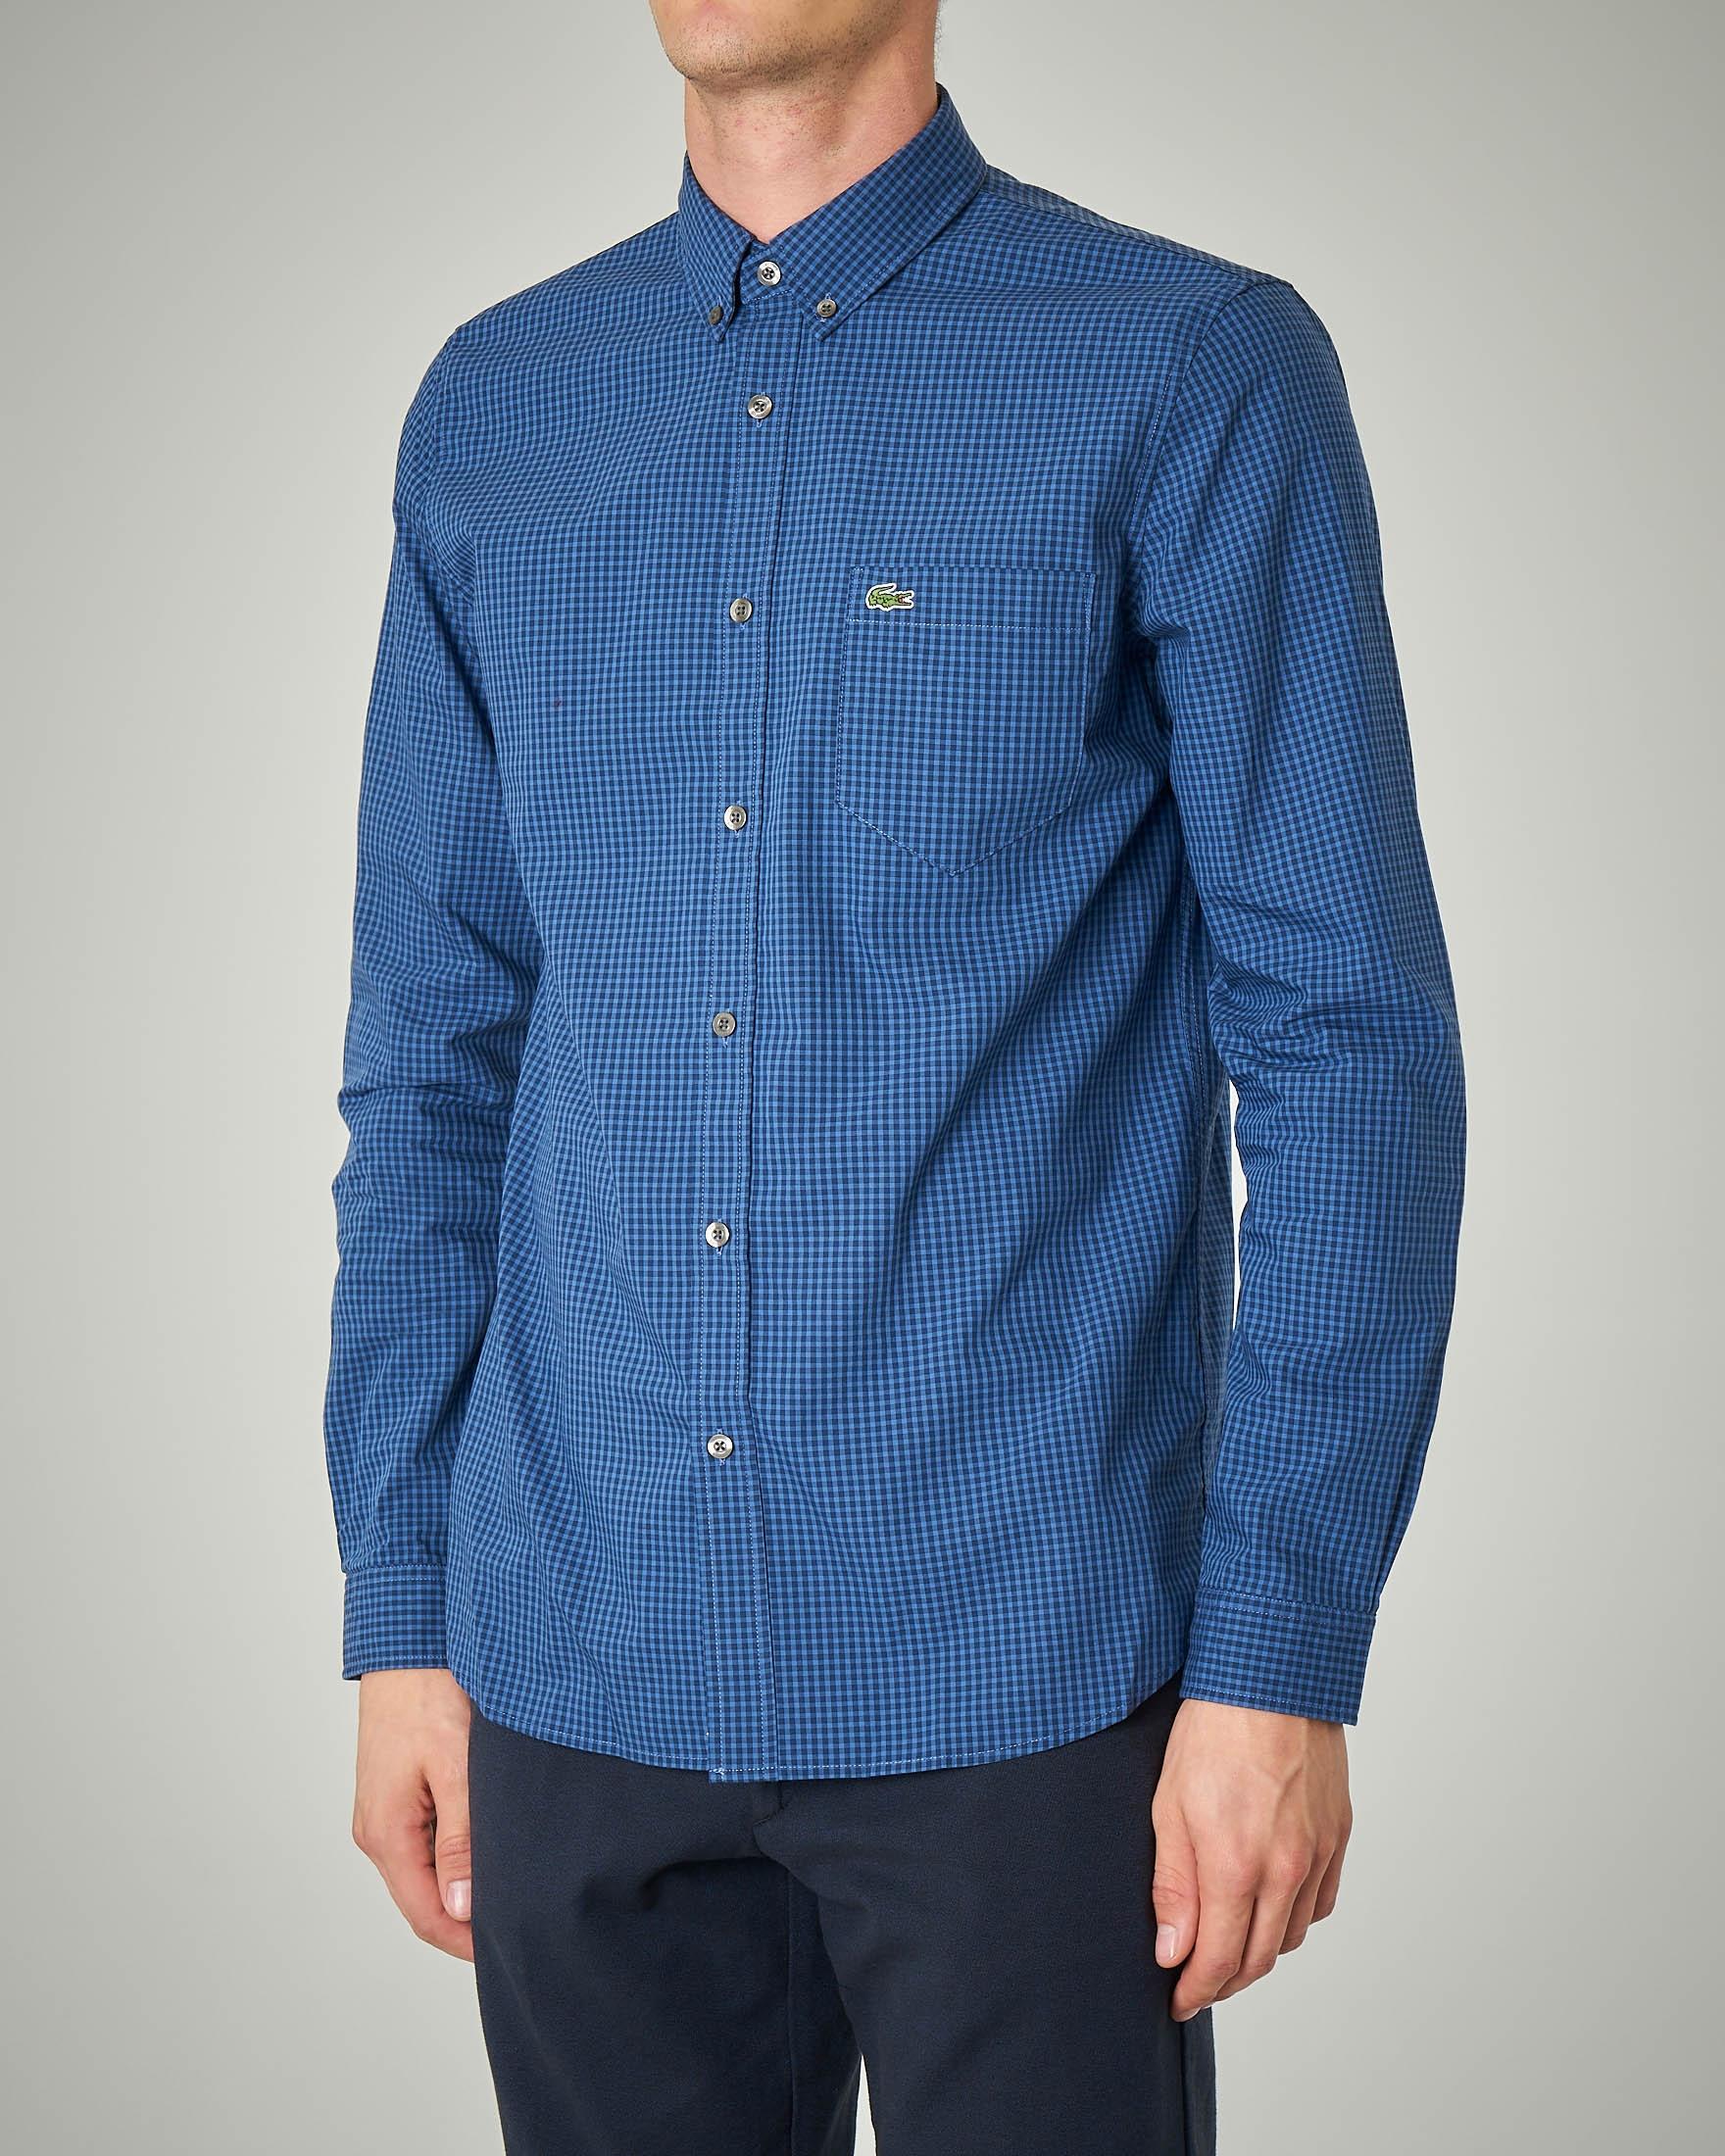 Camicia a quadretti blu e azzurri button down con taschino